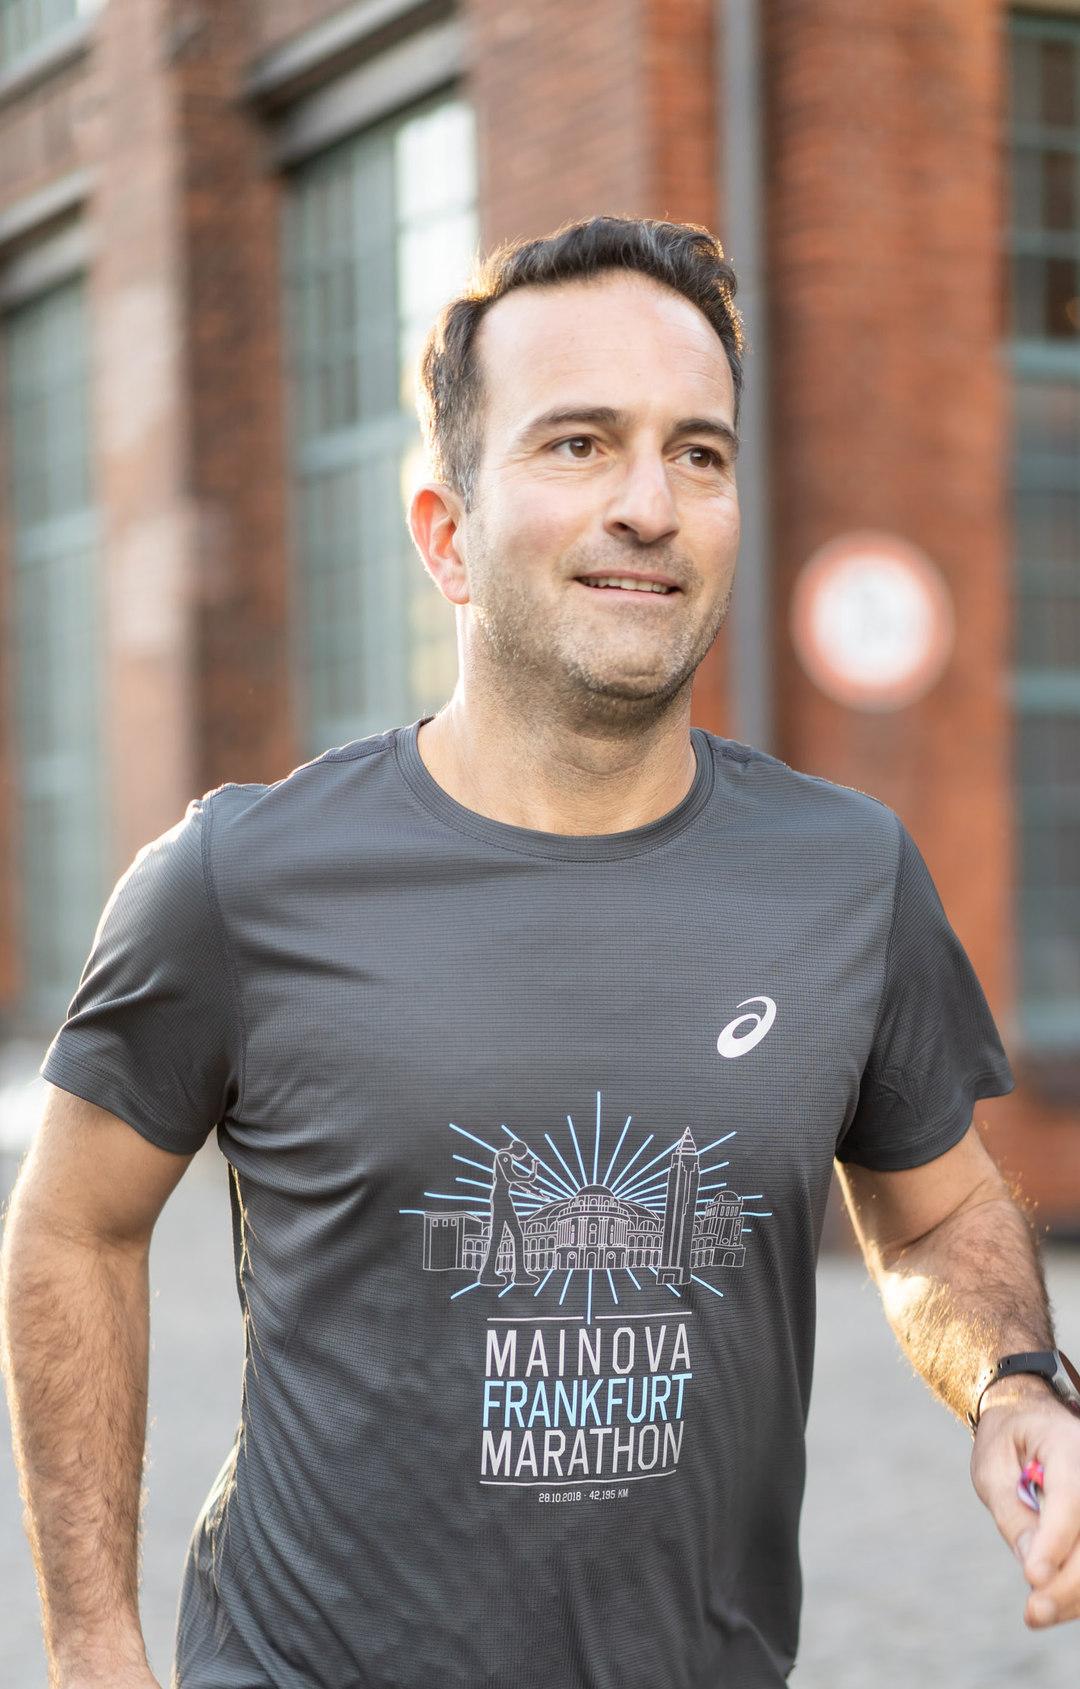 Page 130 of Maschine Mensch – die Utopie 3:29. Marathon in Frankfurt